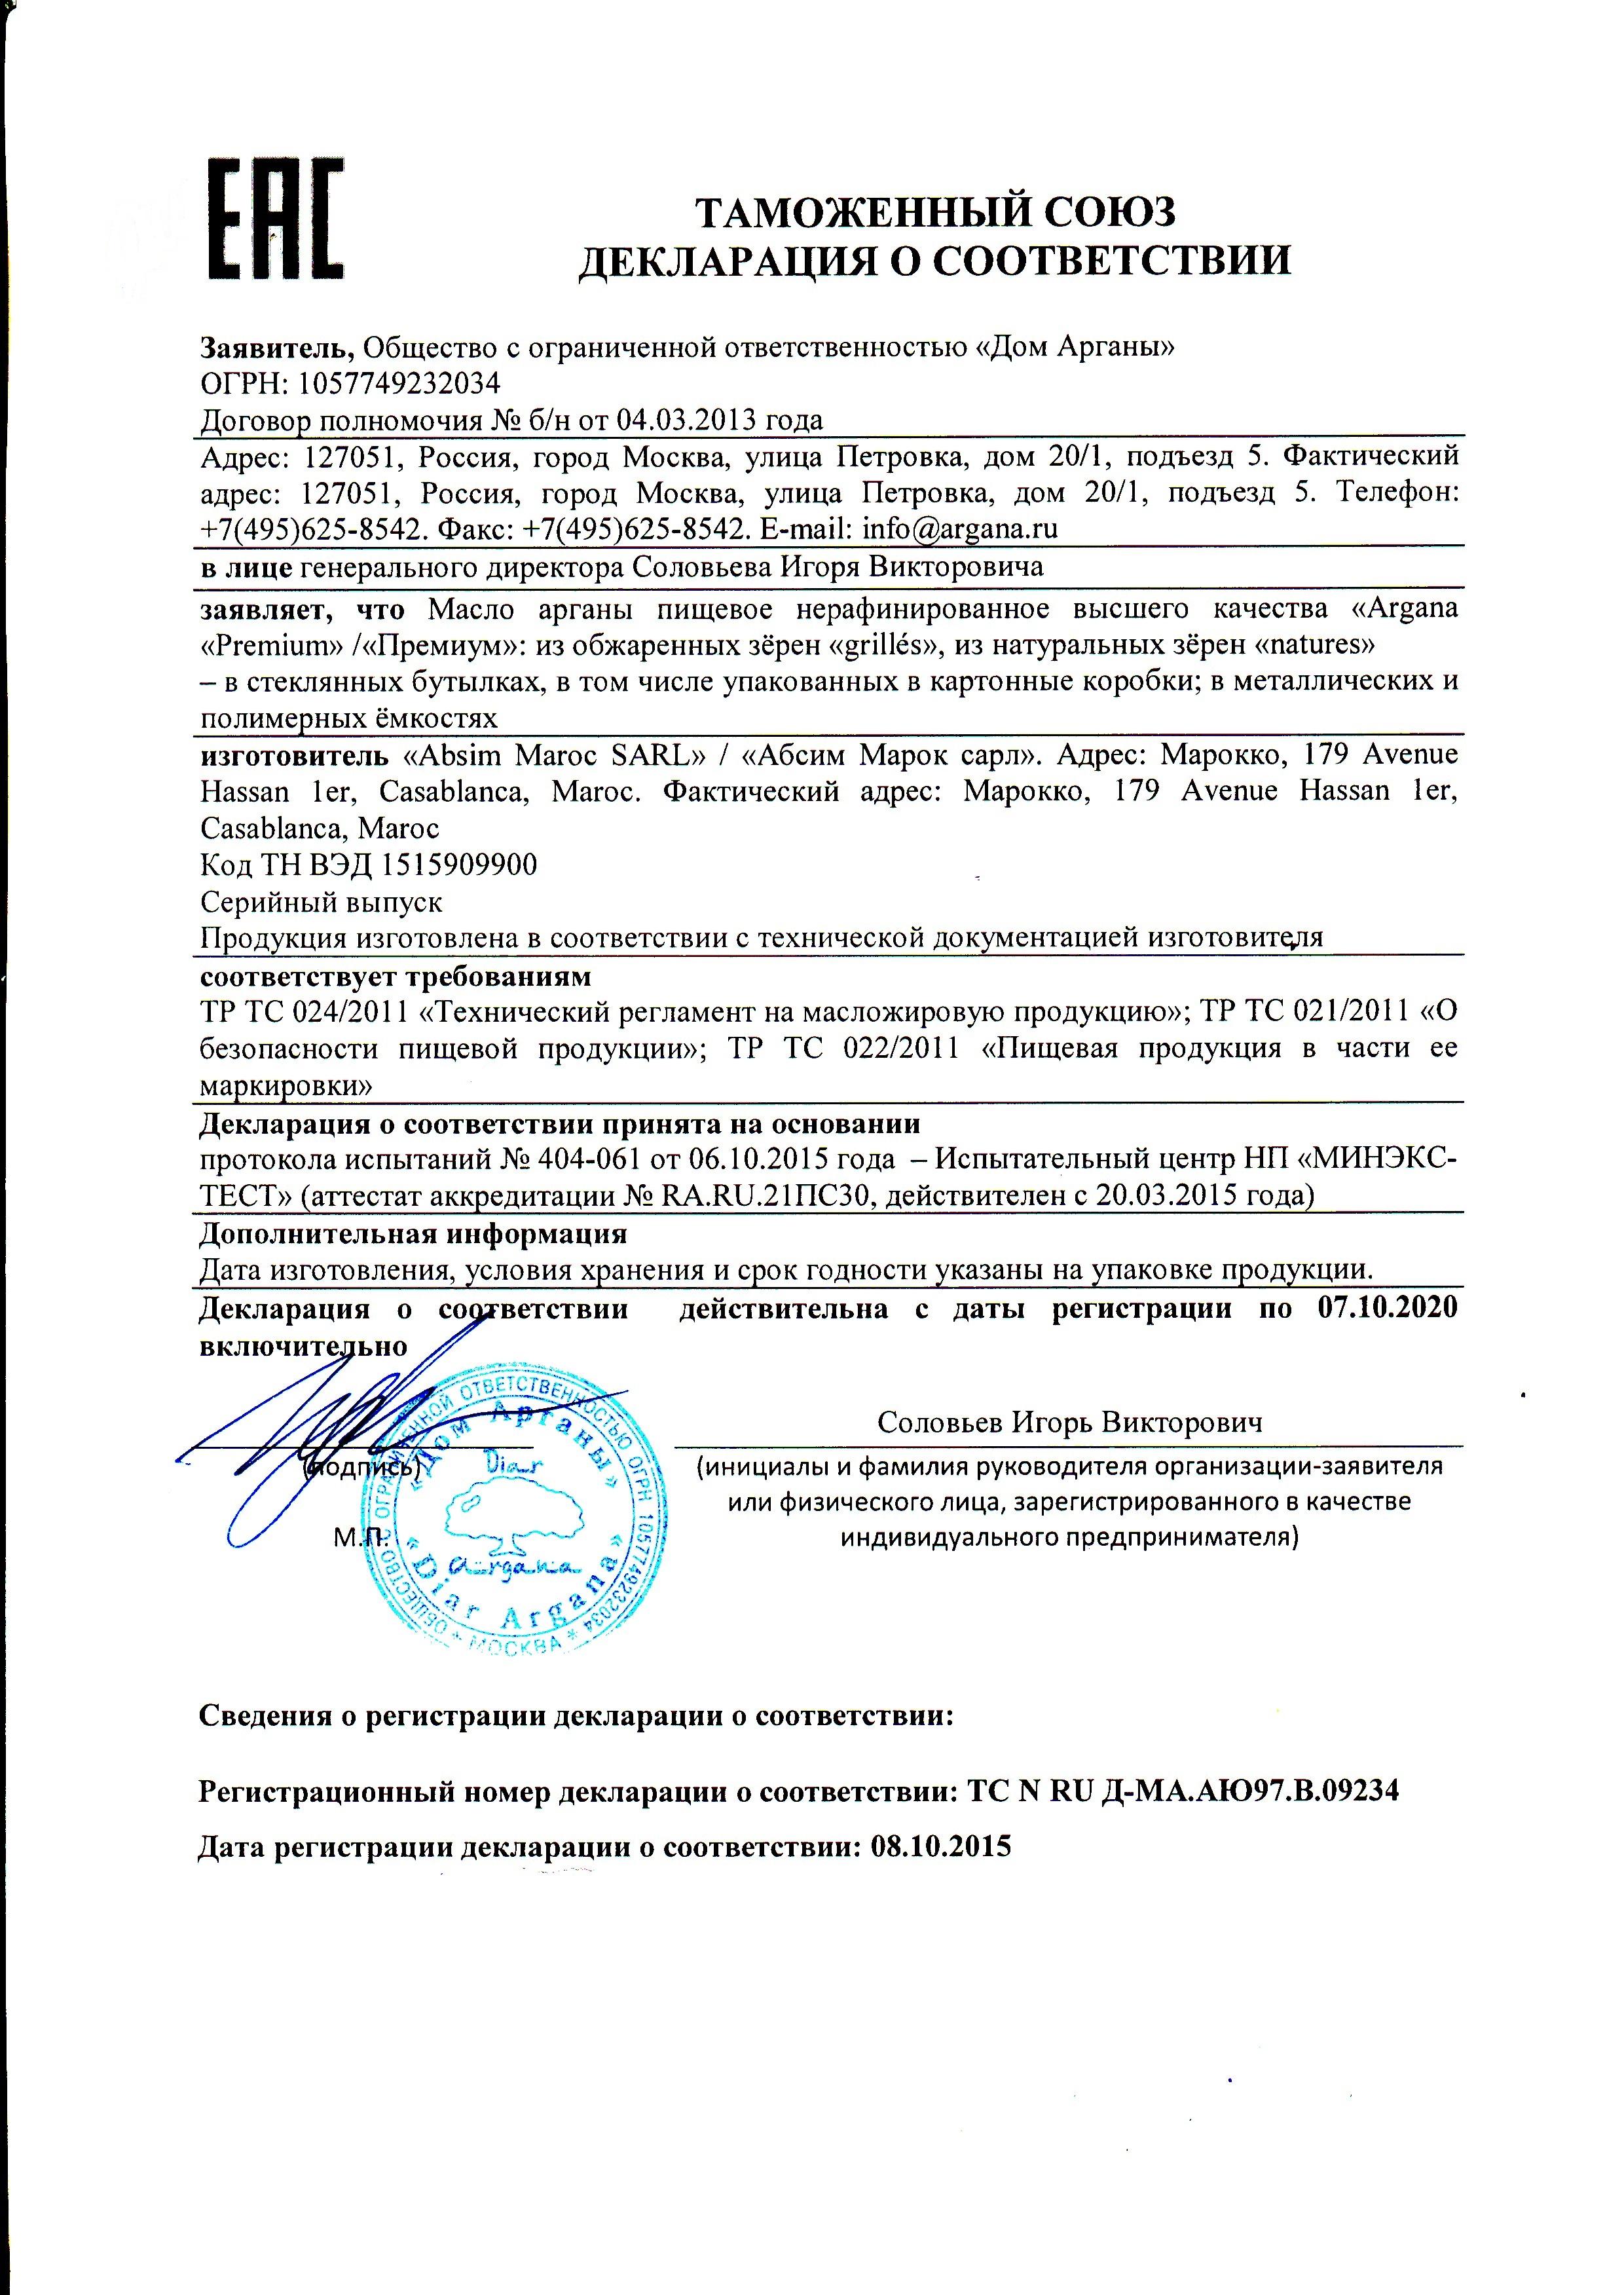 Декларация соответствия масло арганы пищевое arganoil